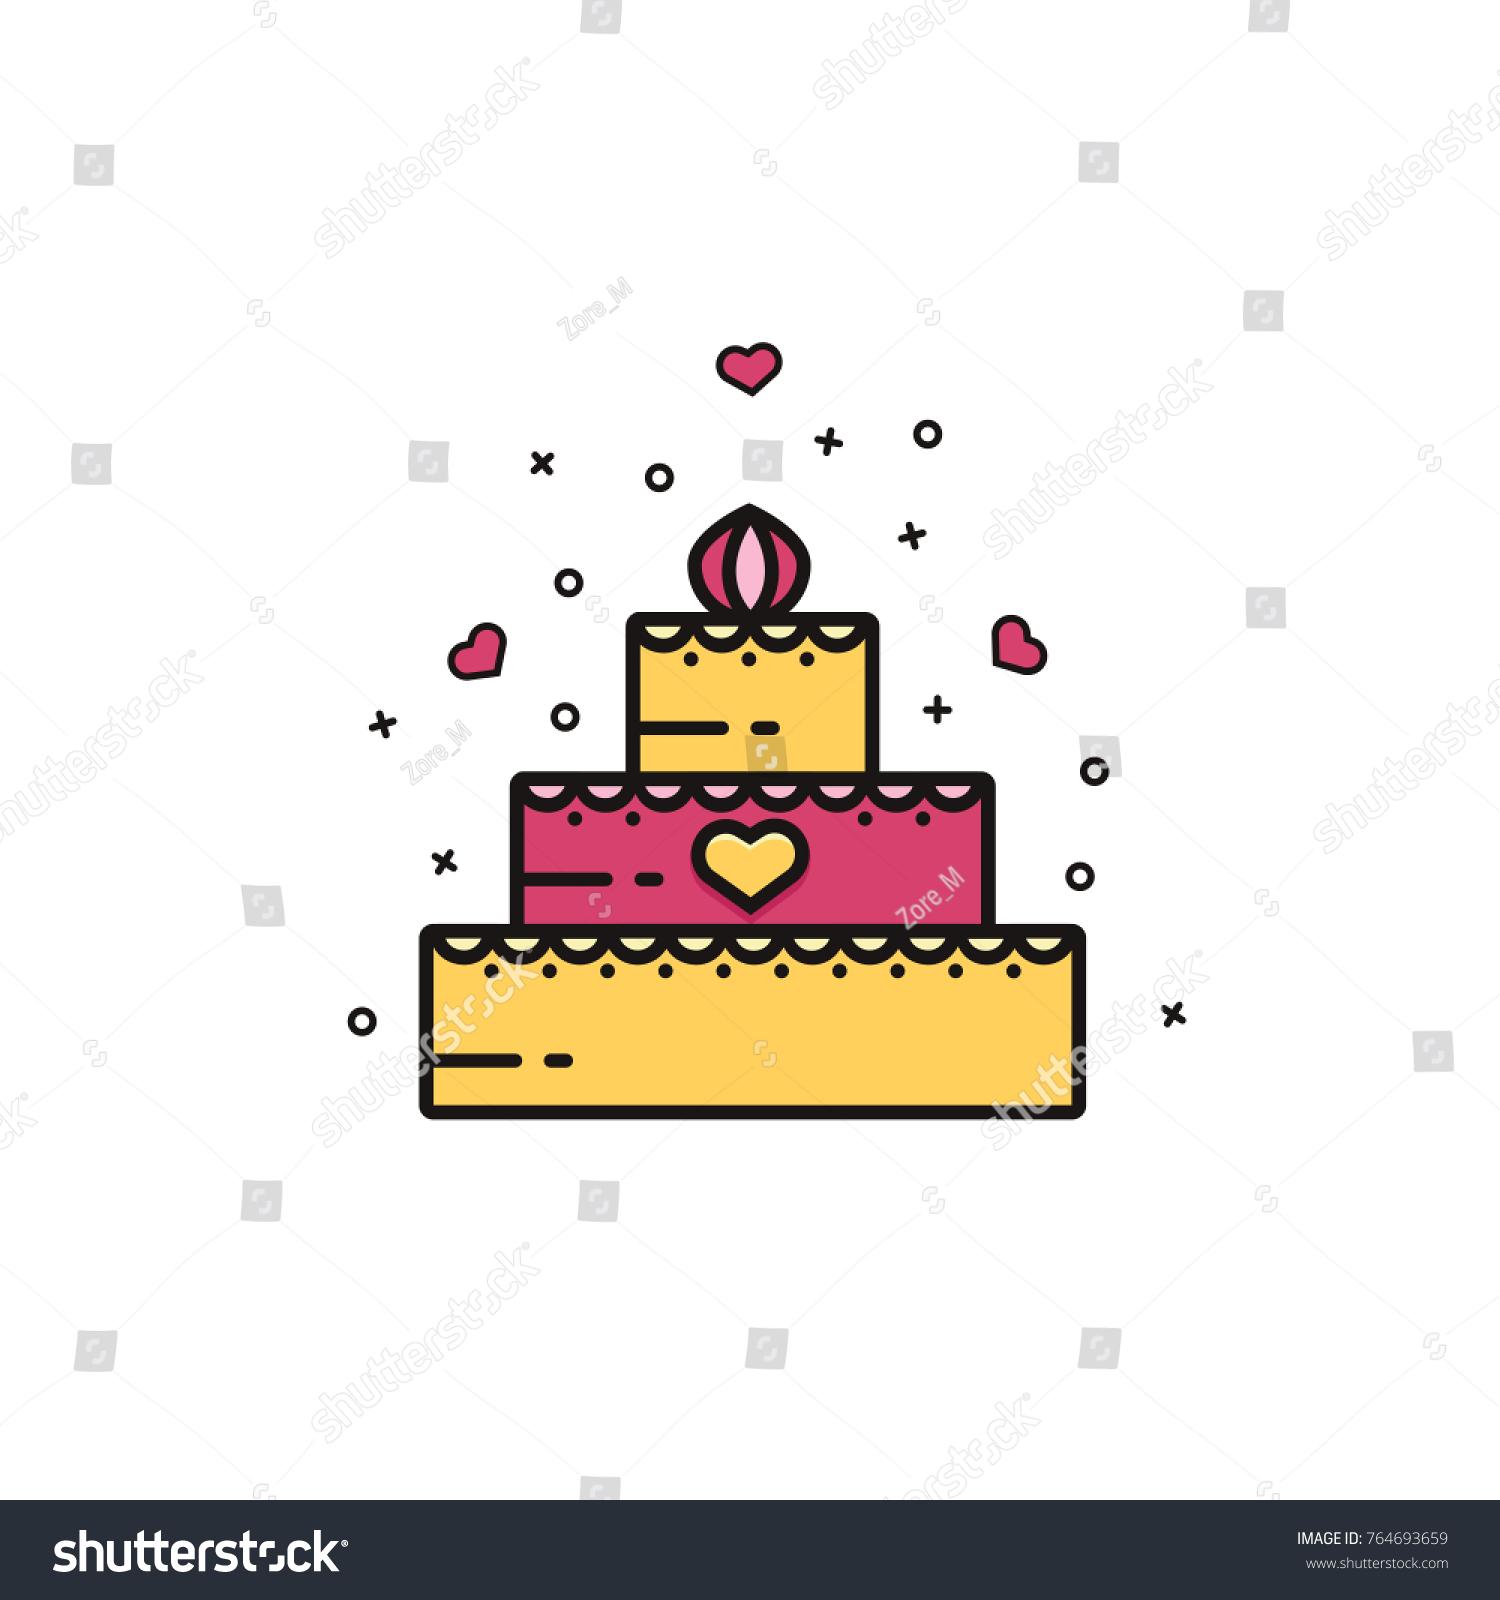 Wedding birthday cake icon sign symbol stock vector 764693659 wedding or birthday cake icon sign symbol emblem image pictogram buycottarizona